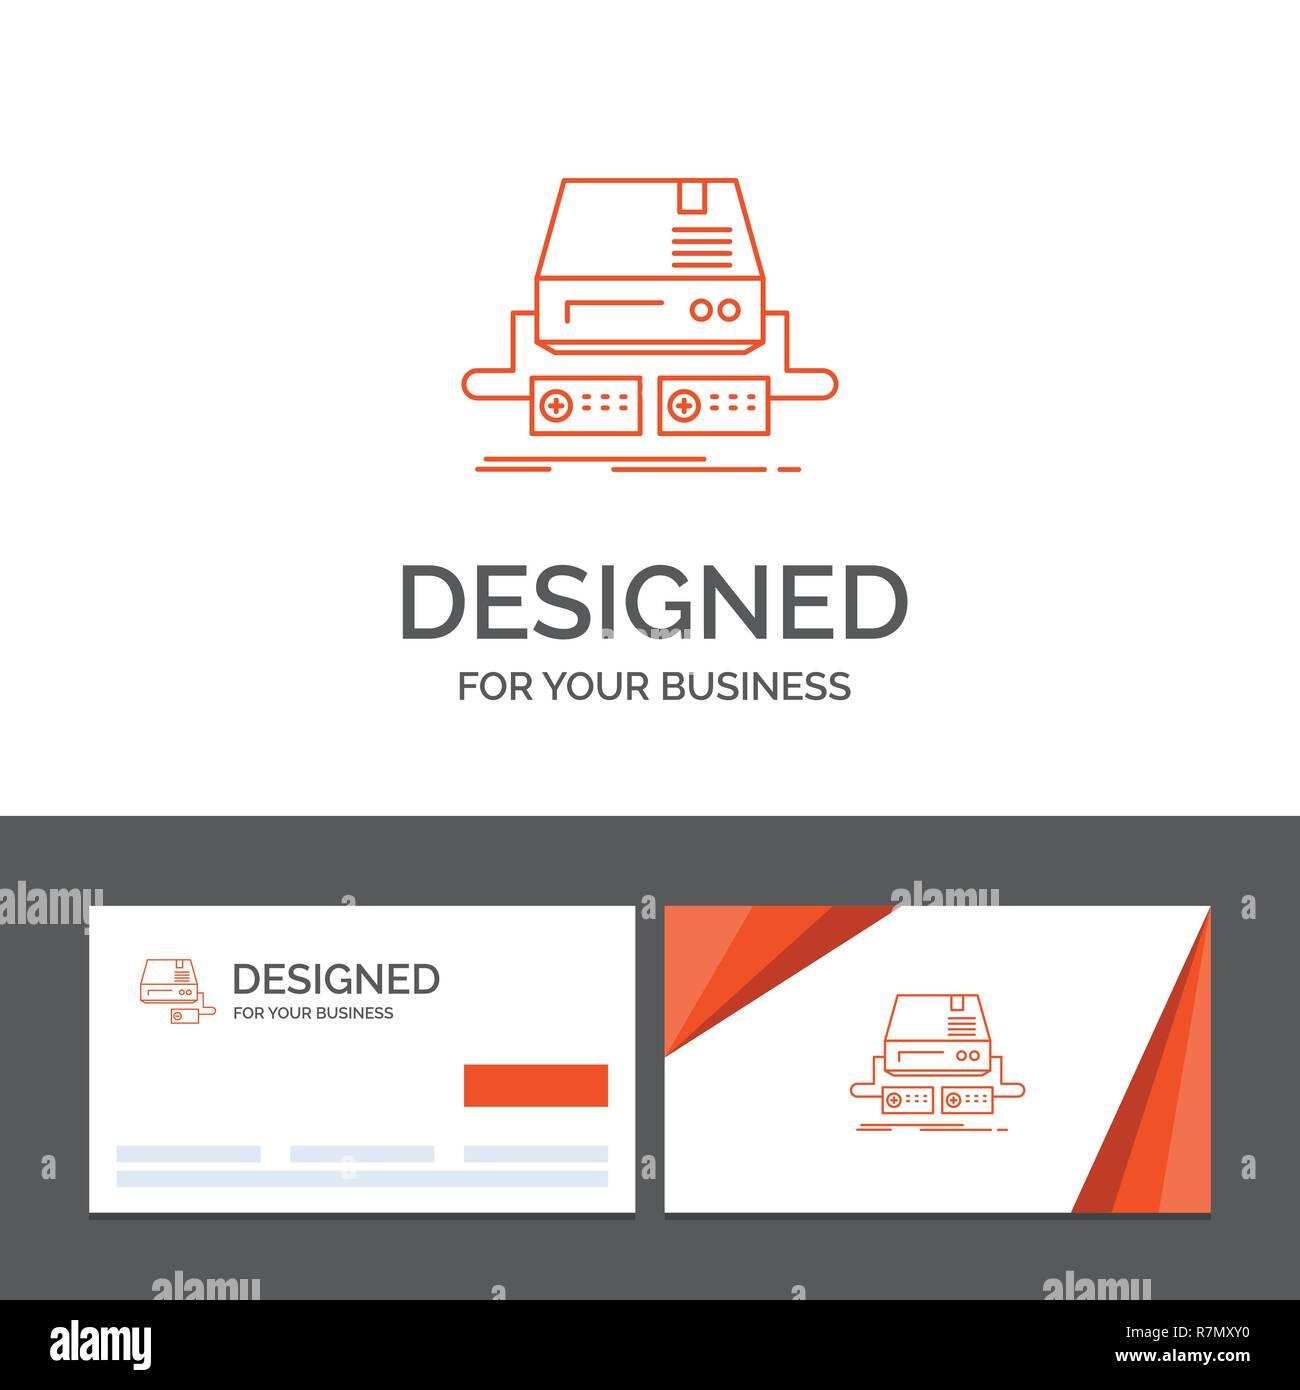 Logo Dentreprise Modele Pour Console Jeu Jeux Notes Le Lecteur Cartes De Visite Orange Avec Marque Template